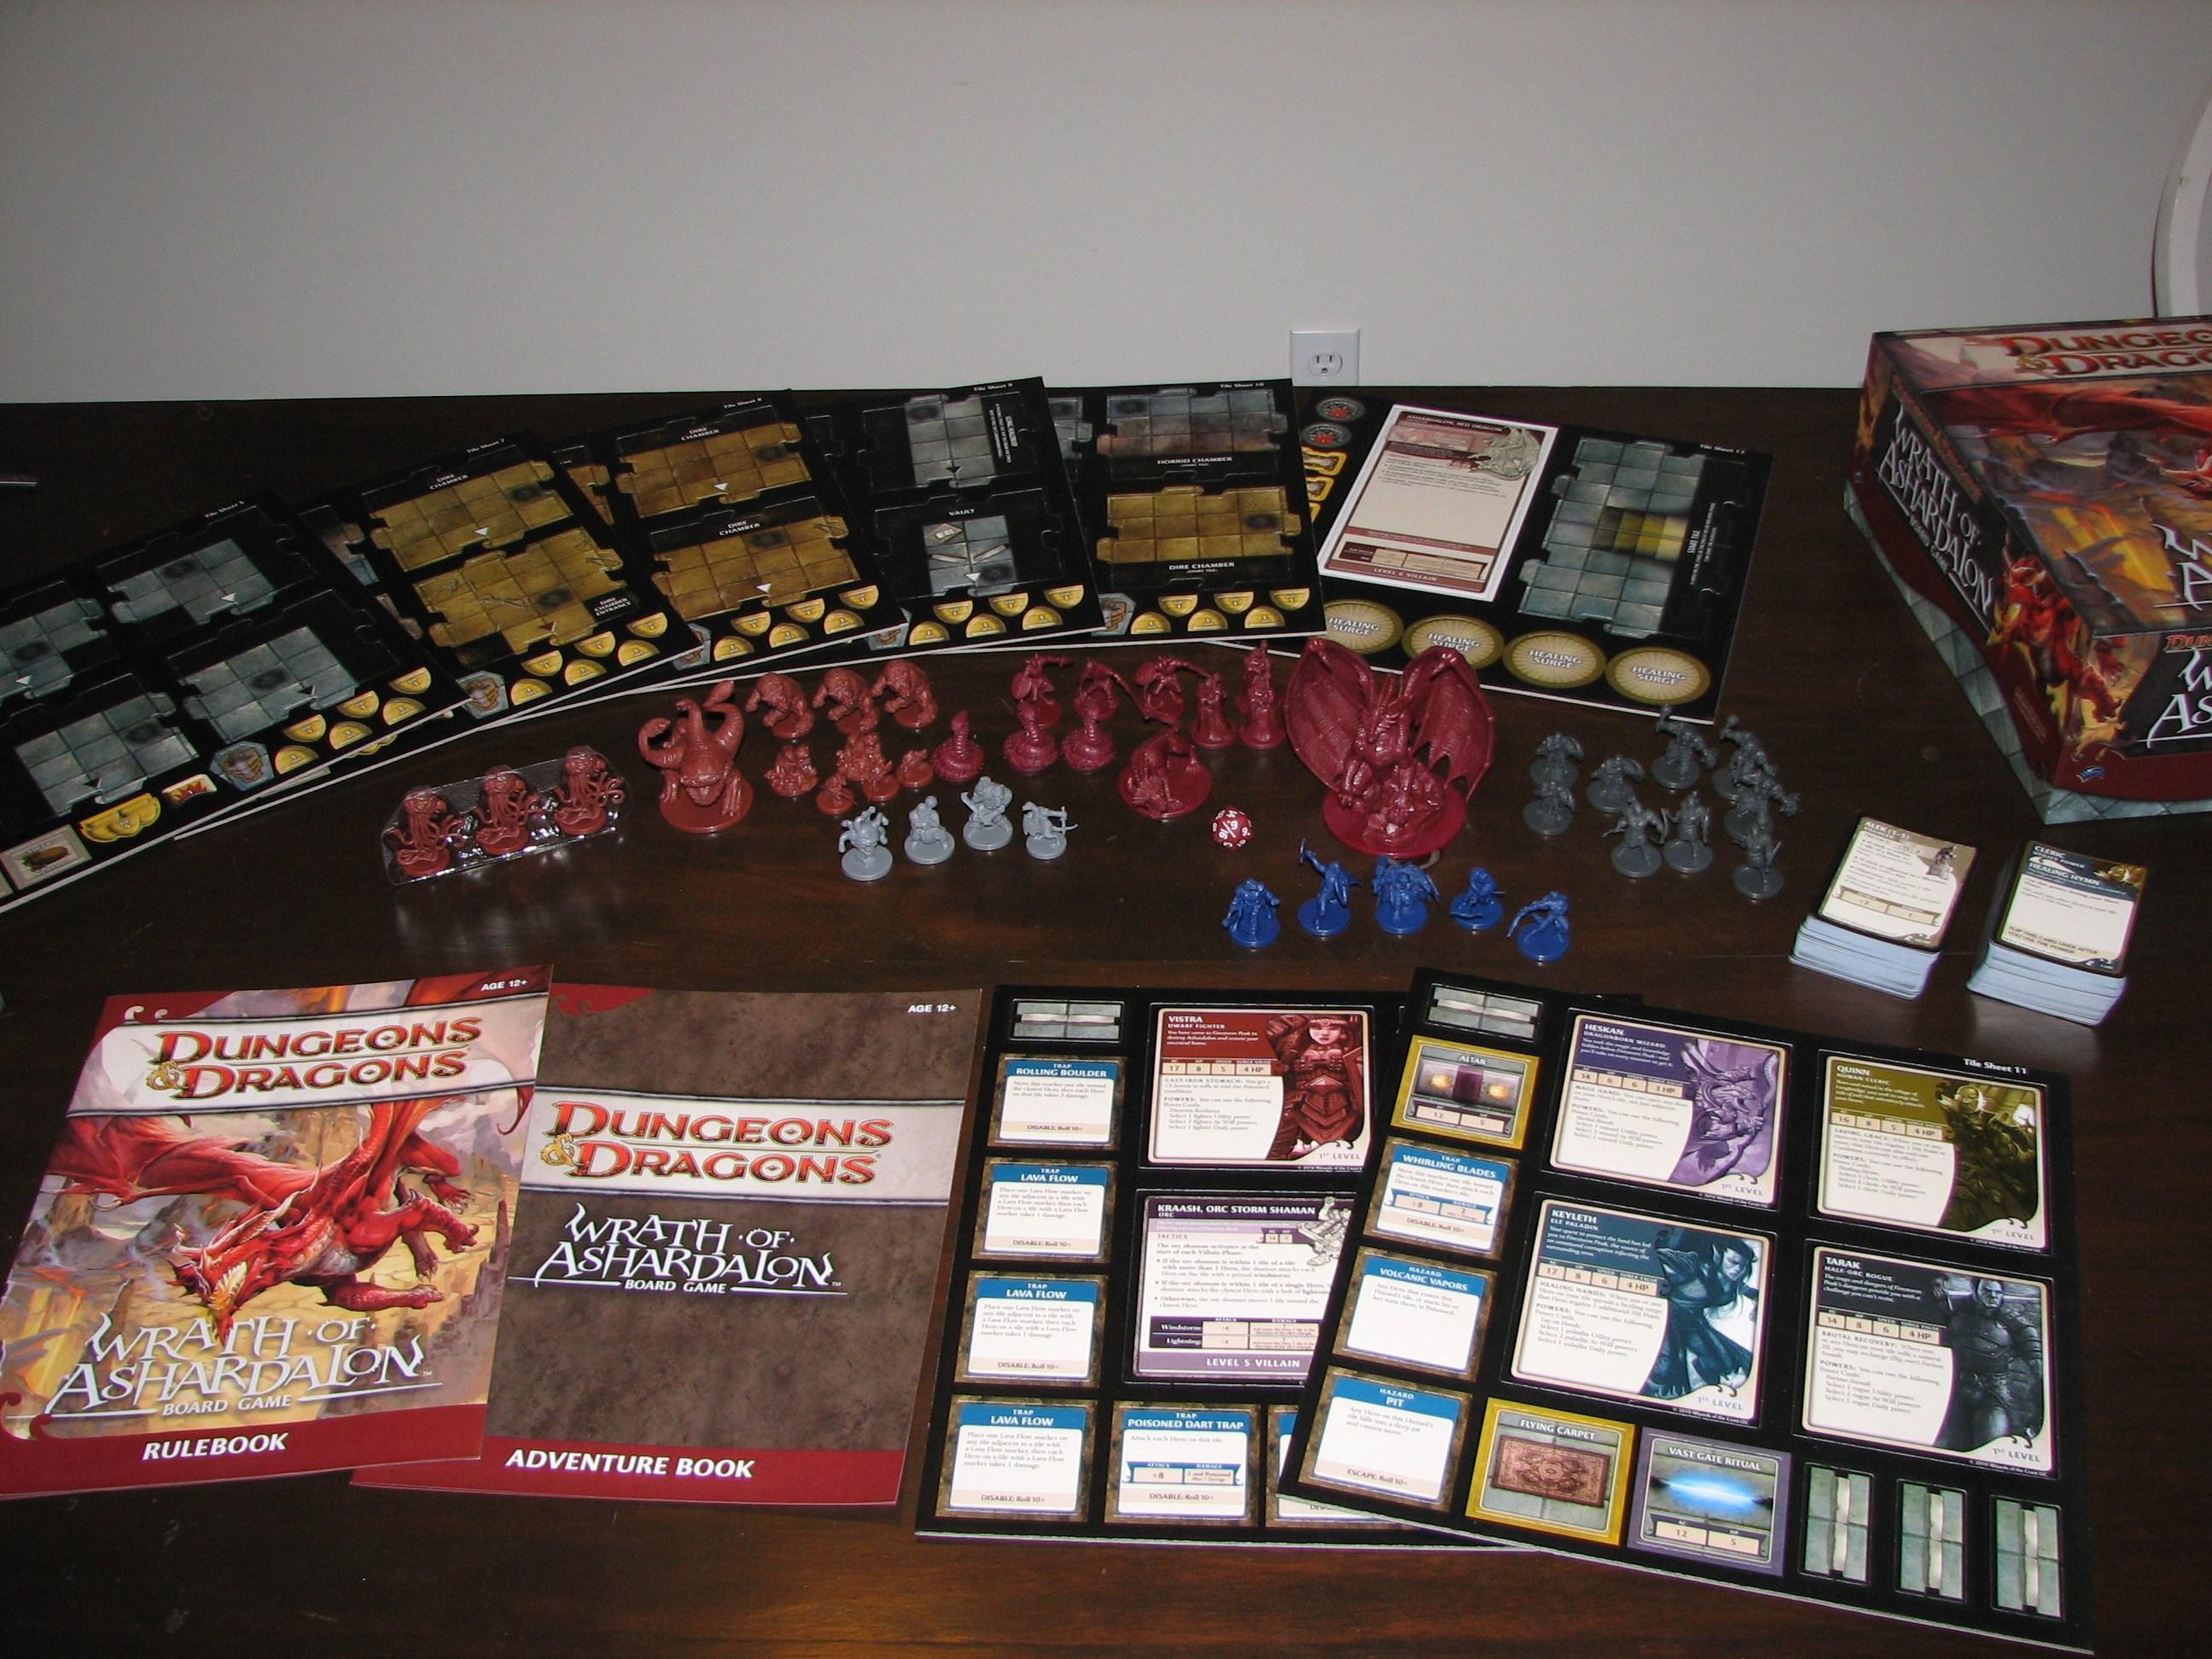 Dungeon & Dragons: Wrath of Ashardalon